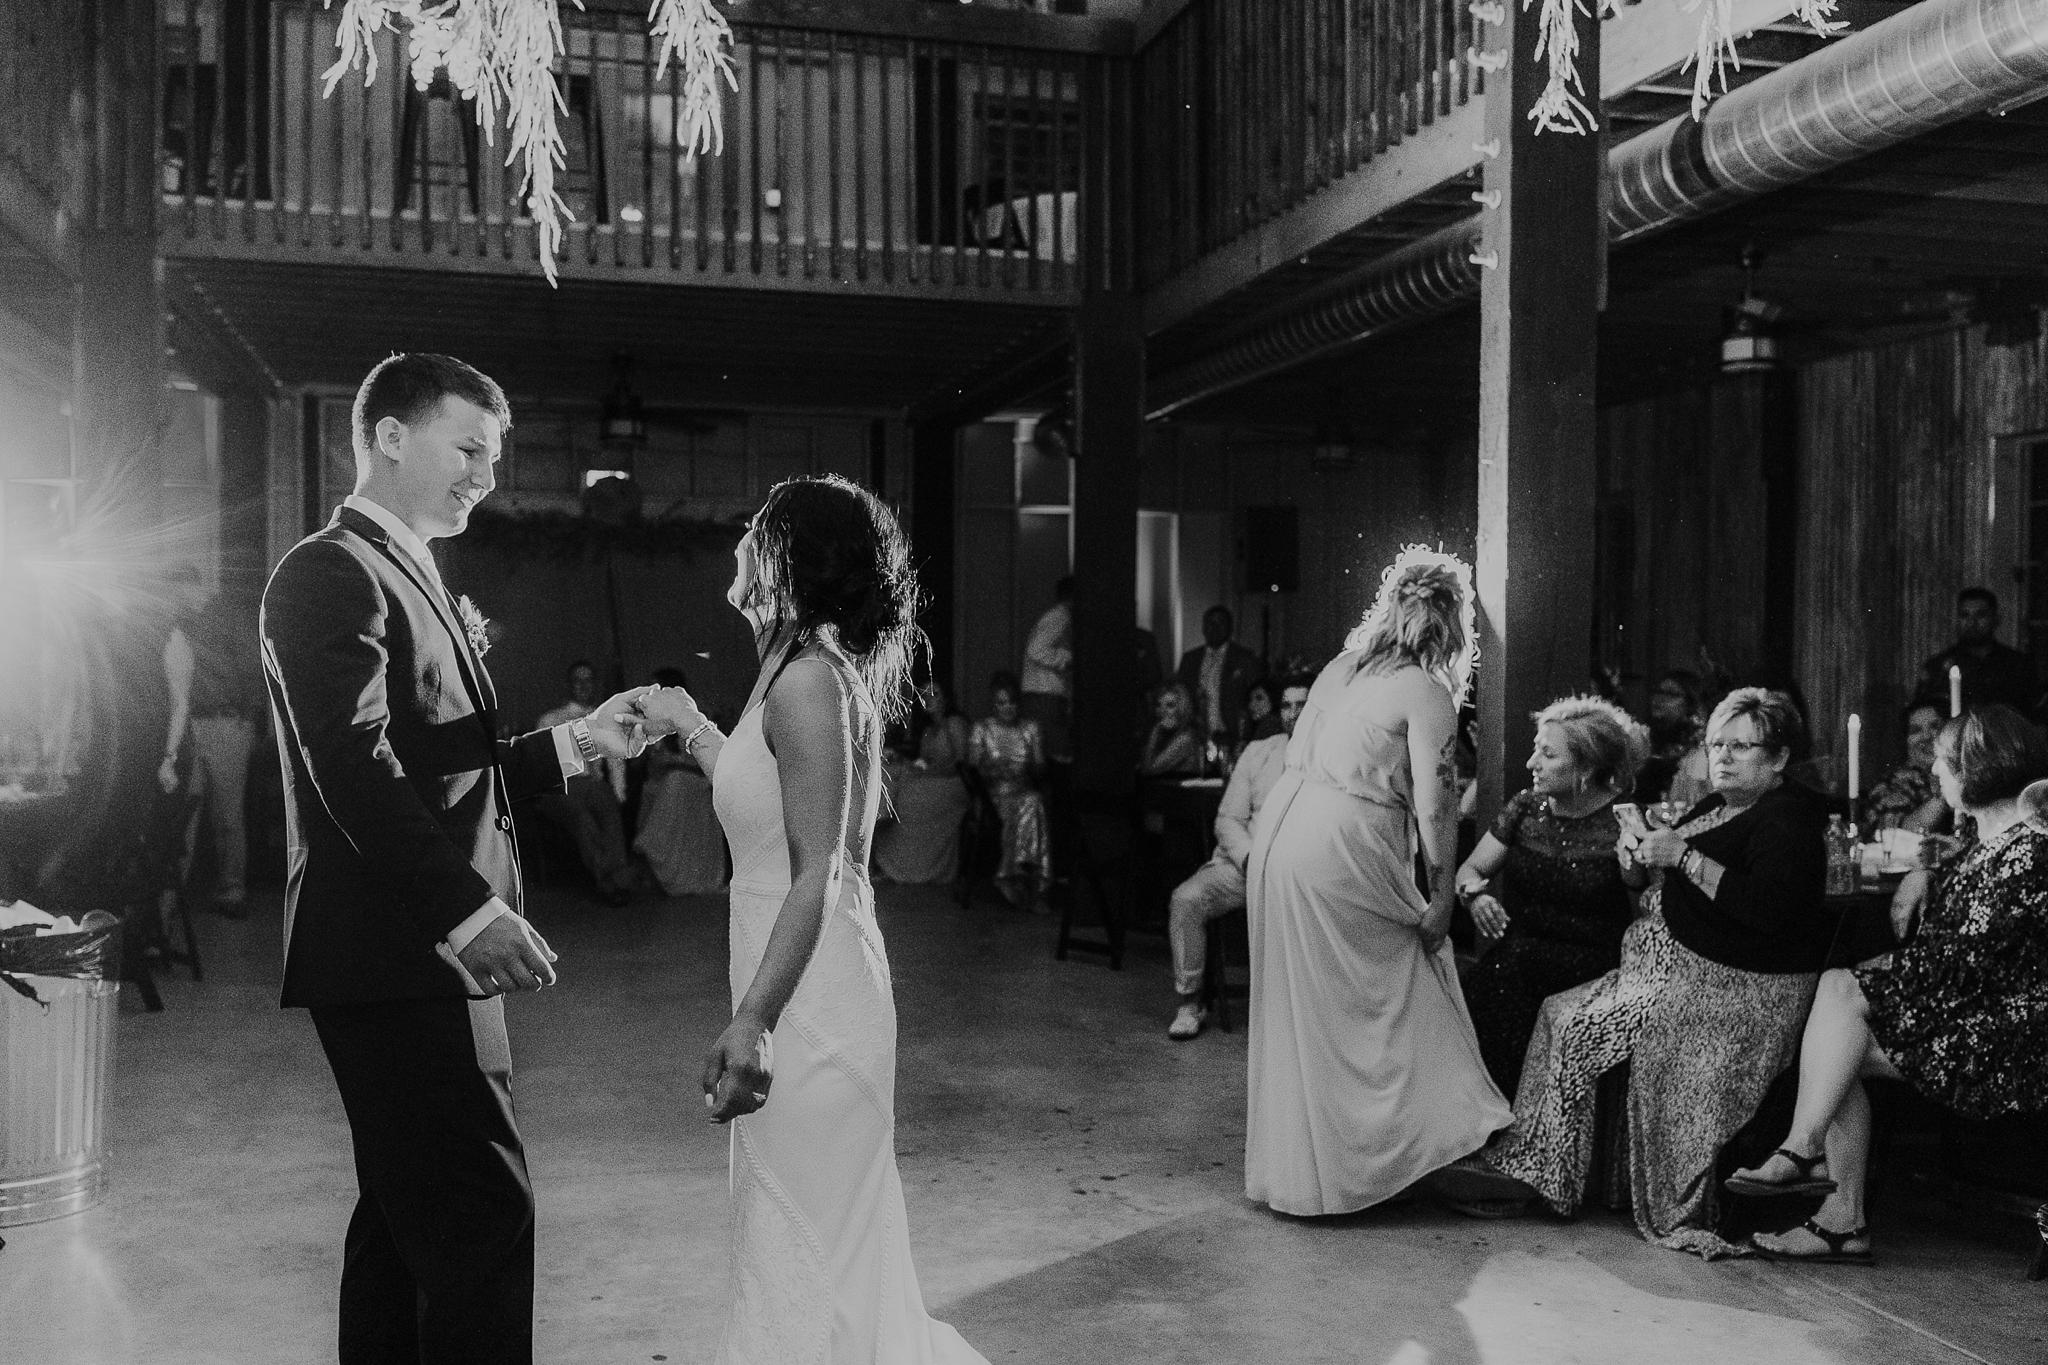 Alicia+lucia+photography+-+albuquerque+wedding+photographer+-+santa+fe+wedding+photography+-+new+mexico+wedding+photographer+-+new+mexico+wedding+-+new+mexico+wedding+-+barn+wedding+-+enchanted+vine+barn+wedding+-+ruidoso+wedding_0161.jpg